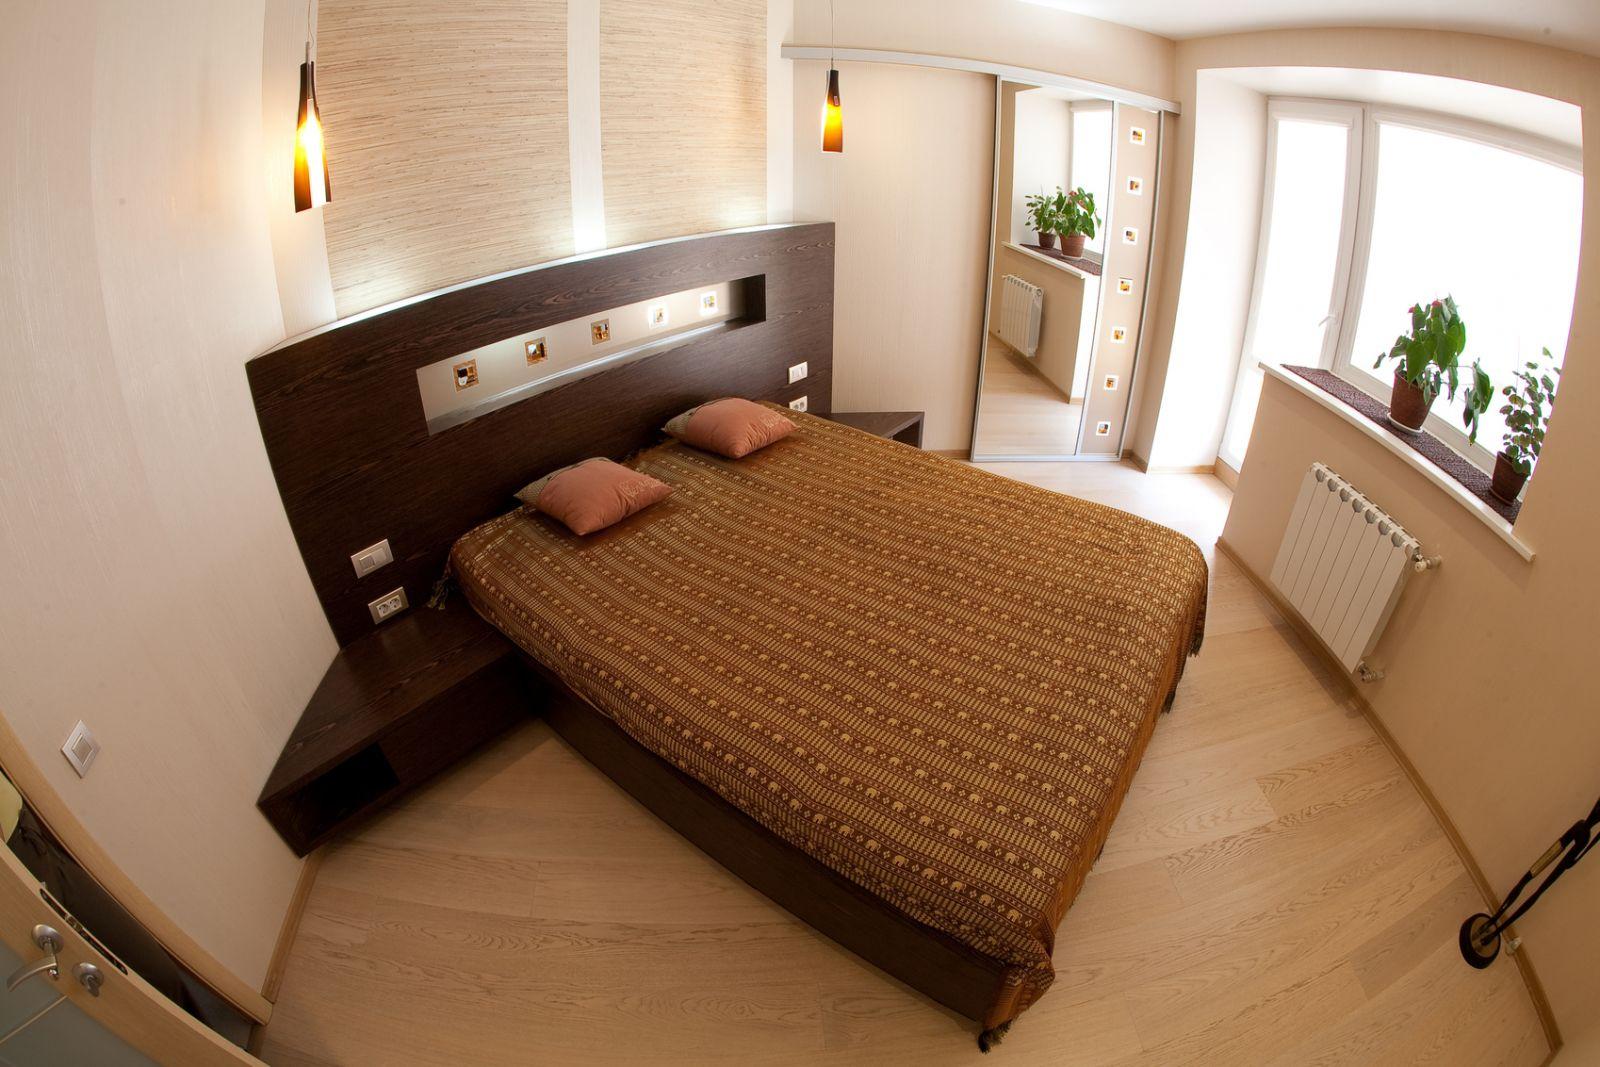 Дизайн cпальни 10-11 кв. м (137 фото): проект интерьера мале.